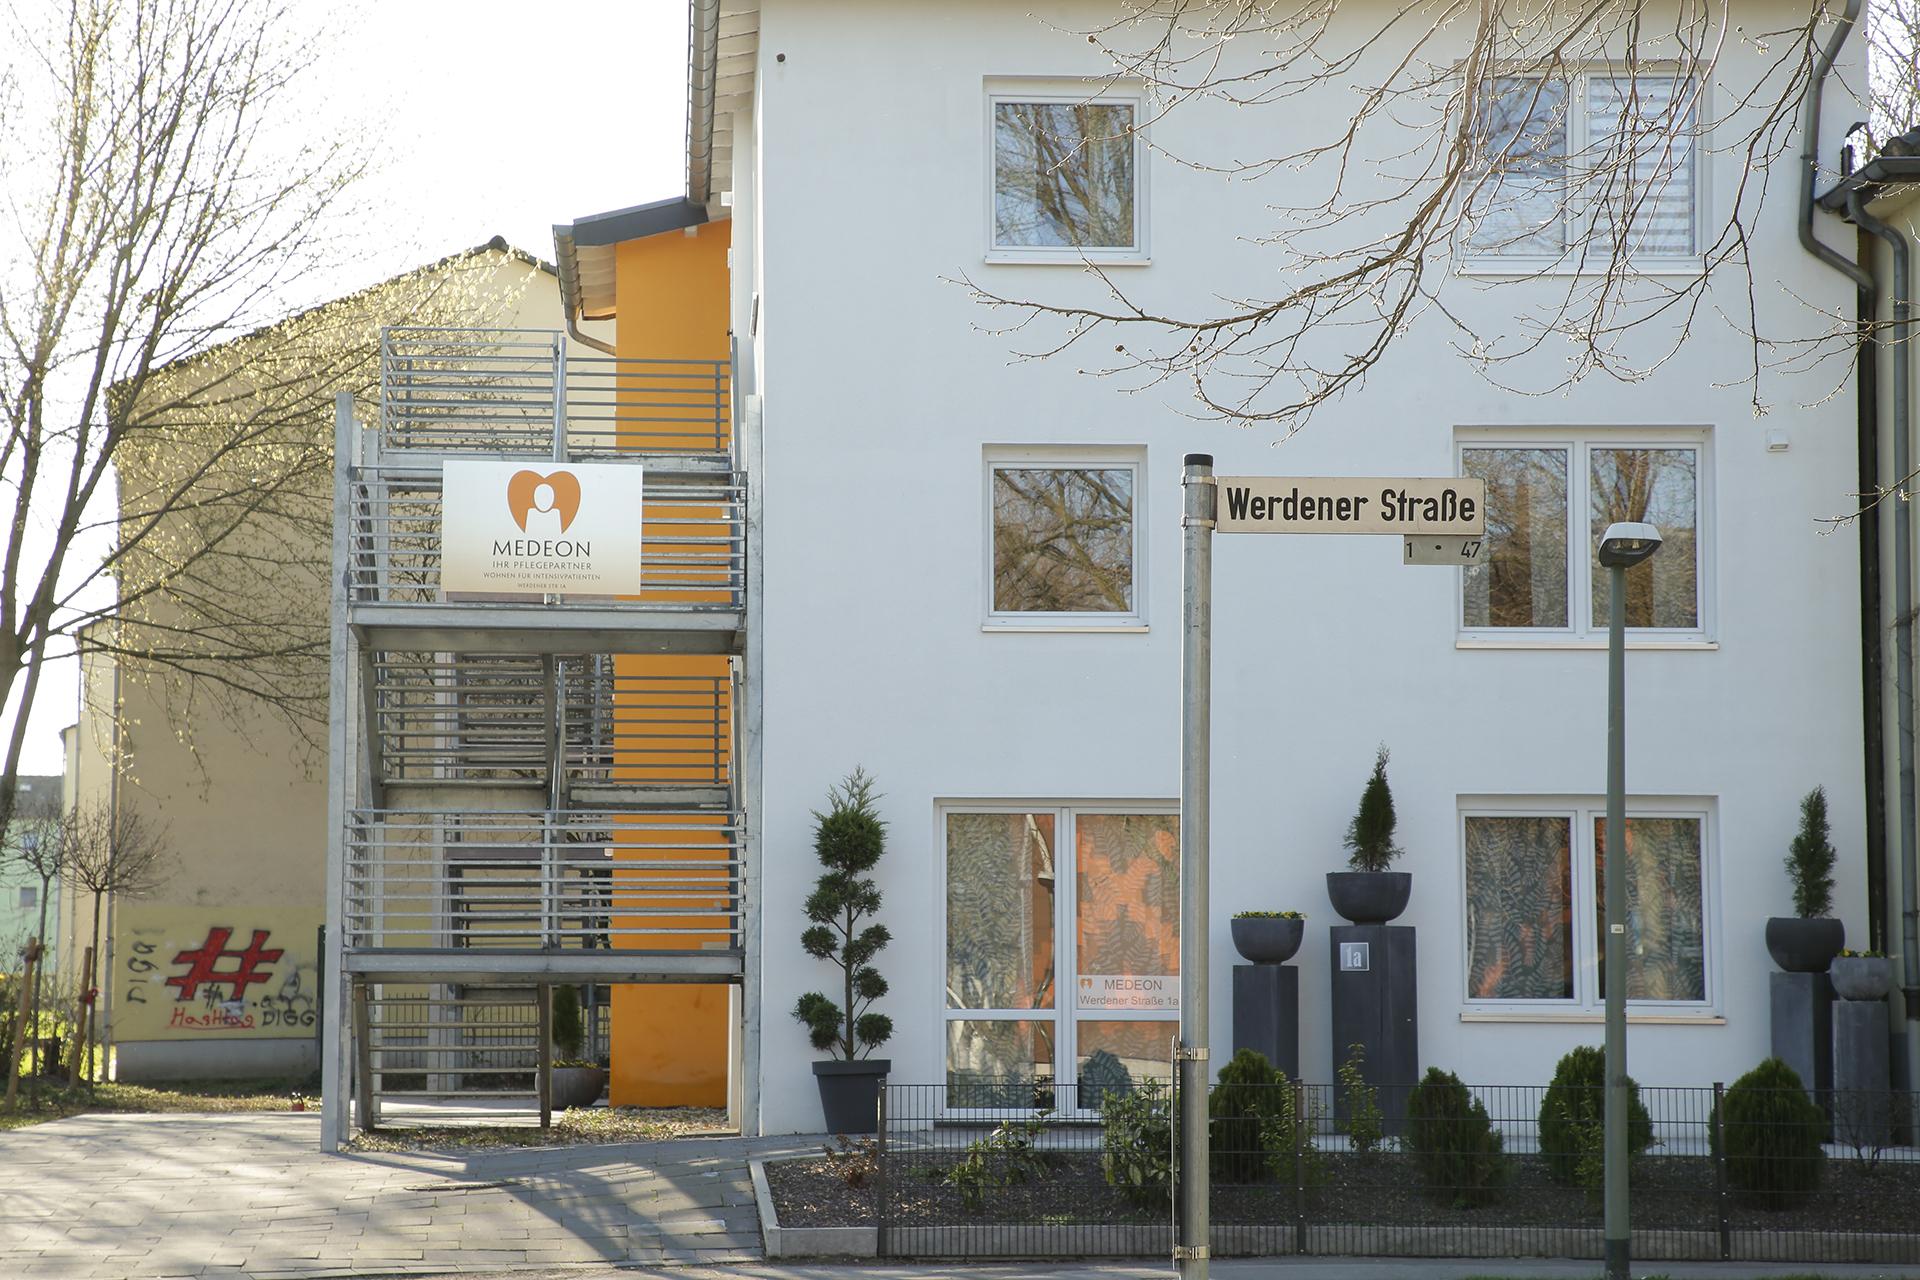 In der Werdener Straße befinden wir uns in Gelsenkirchen